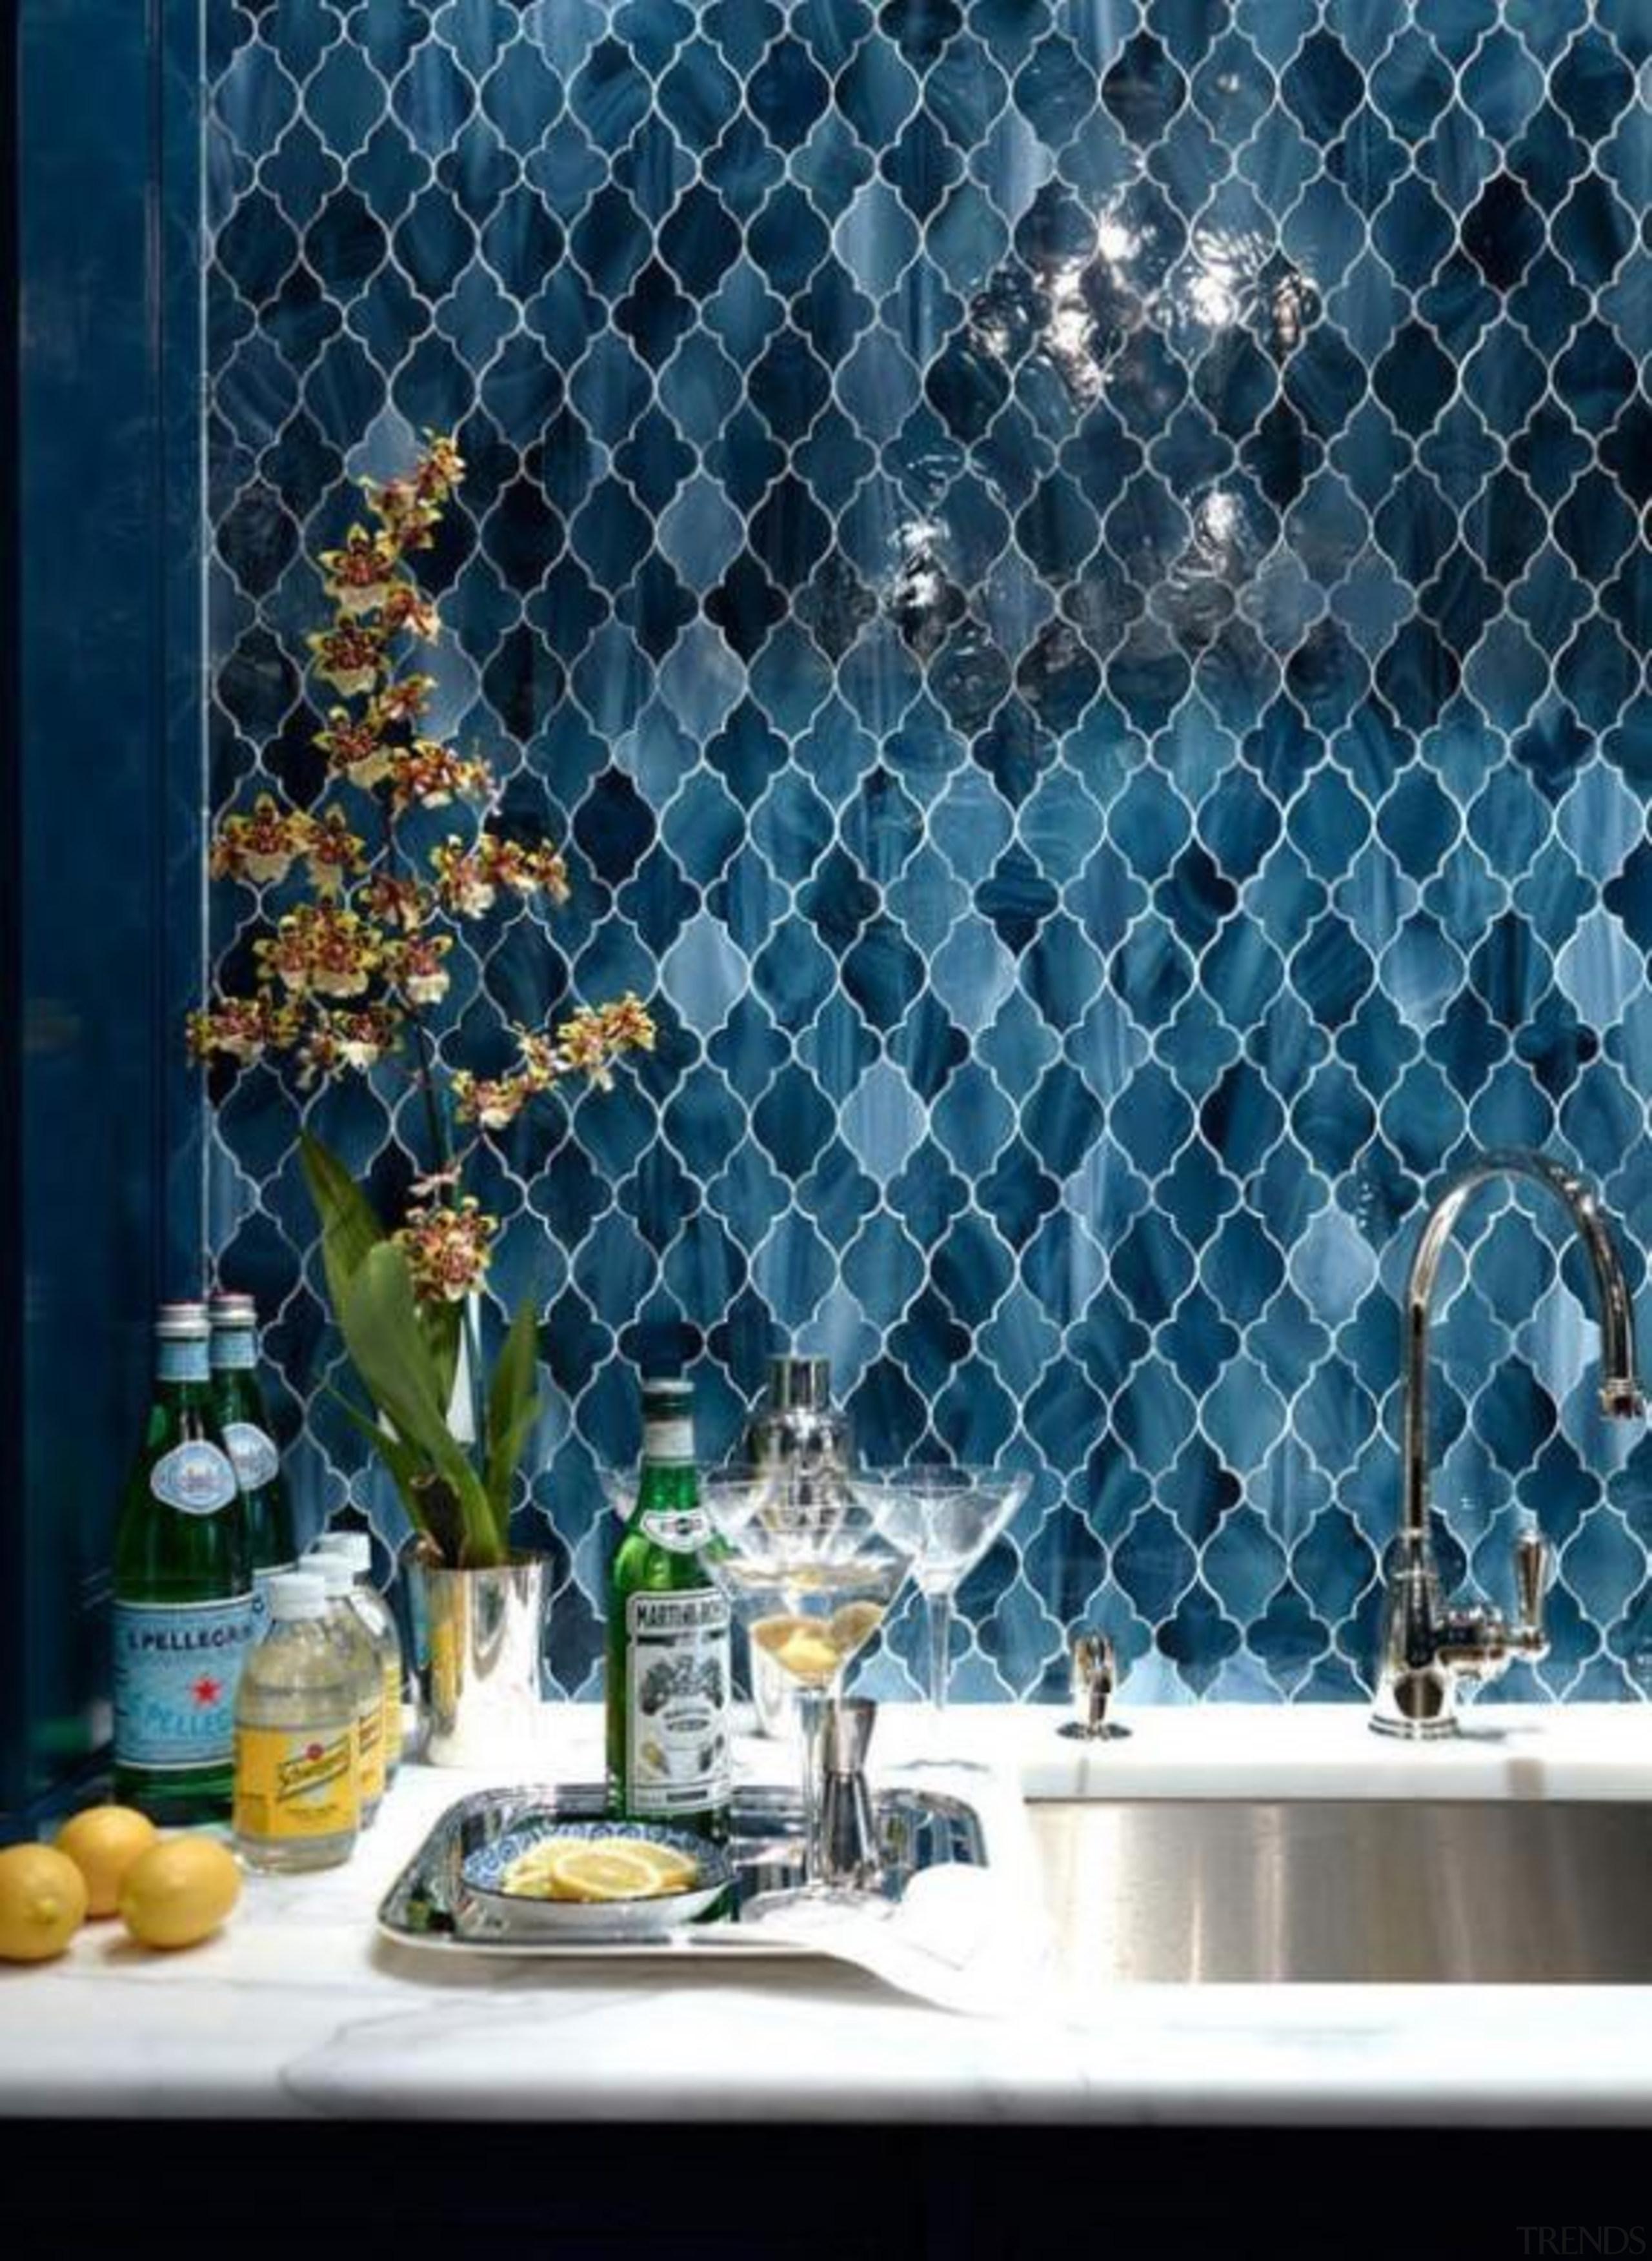 10.28.14ceruleanpadlocksandpearls.tumblr.jpg - 10.28.14ceruleanpadlocksandpearls.tumblr.jpg - blue | glass | blue, glass, interior design, wall, blue, teal